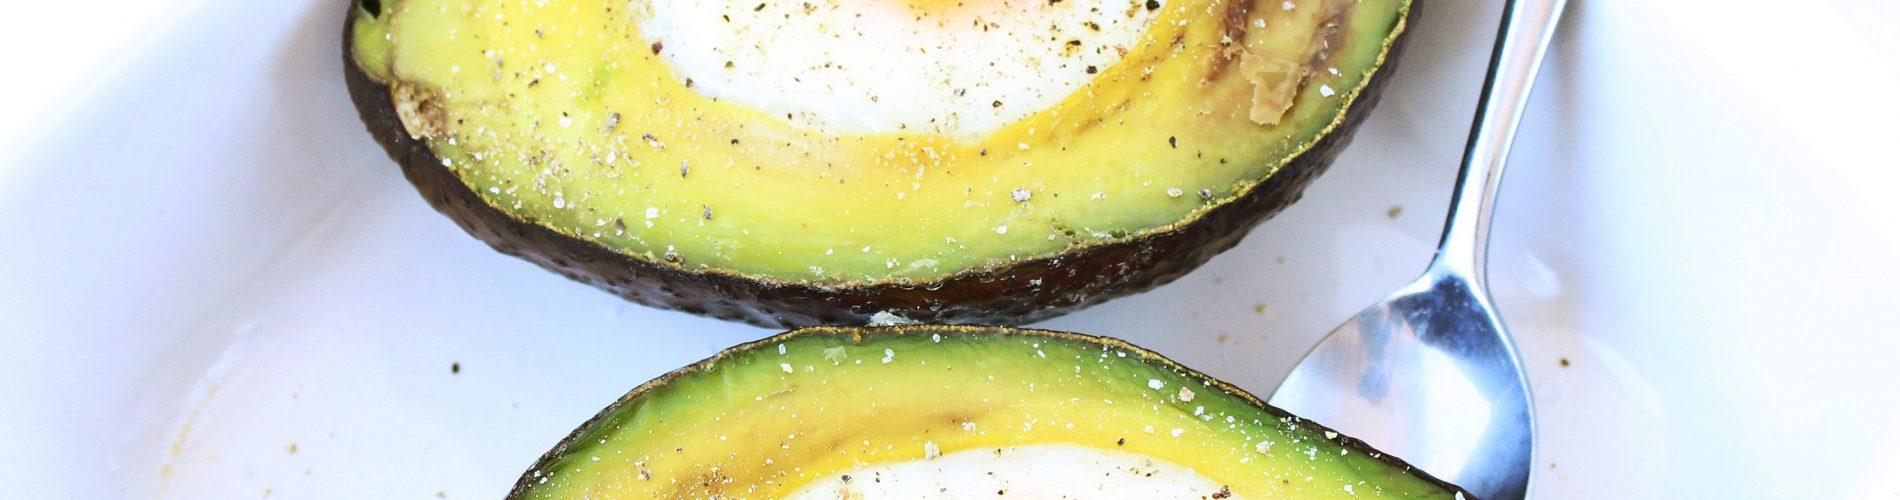 Avocado gevuld met ei - Kokkerellen met Suus